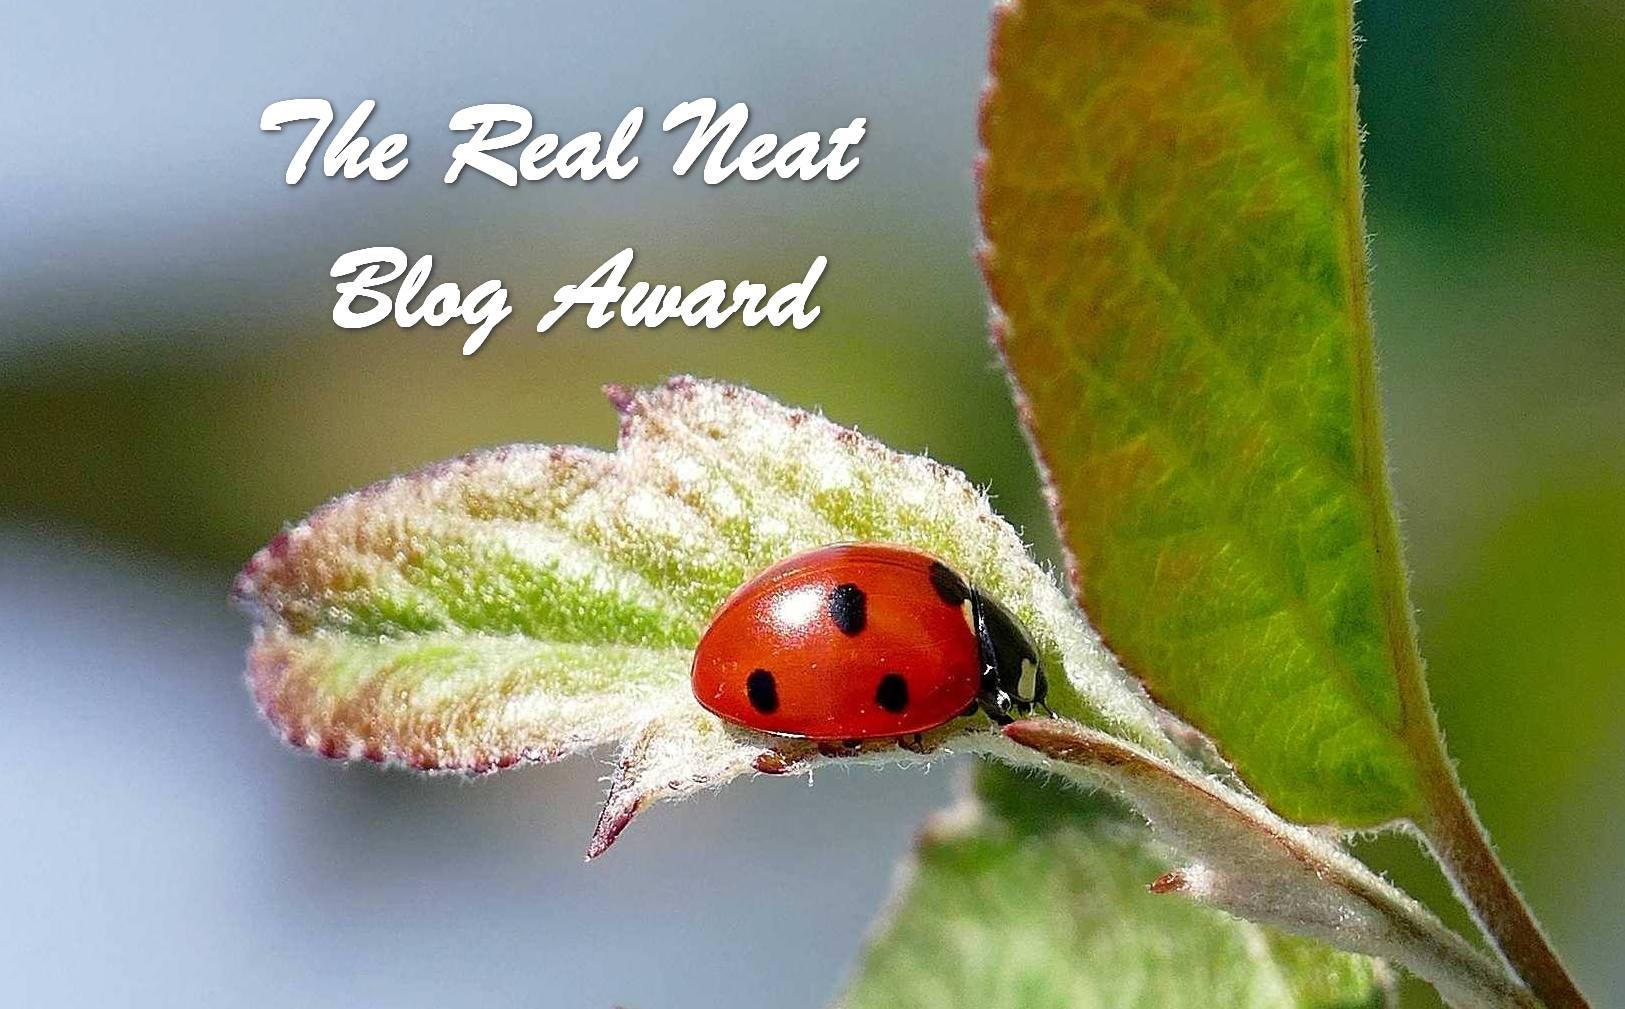 Real Neat Award